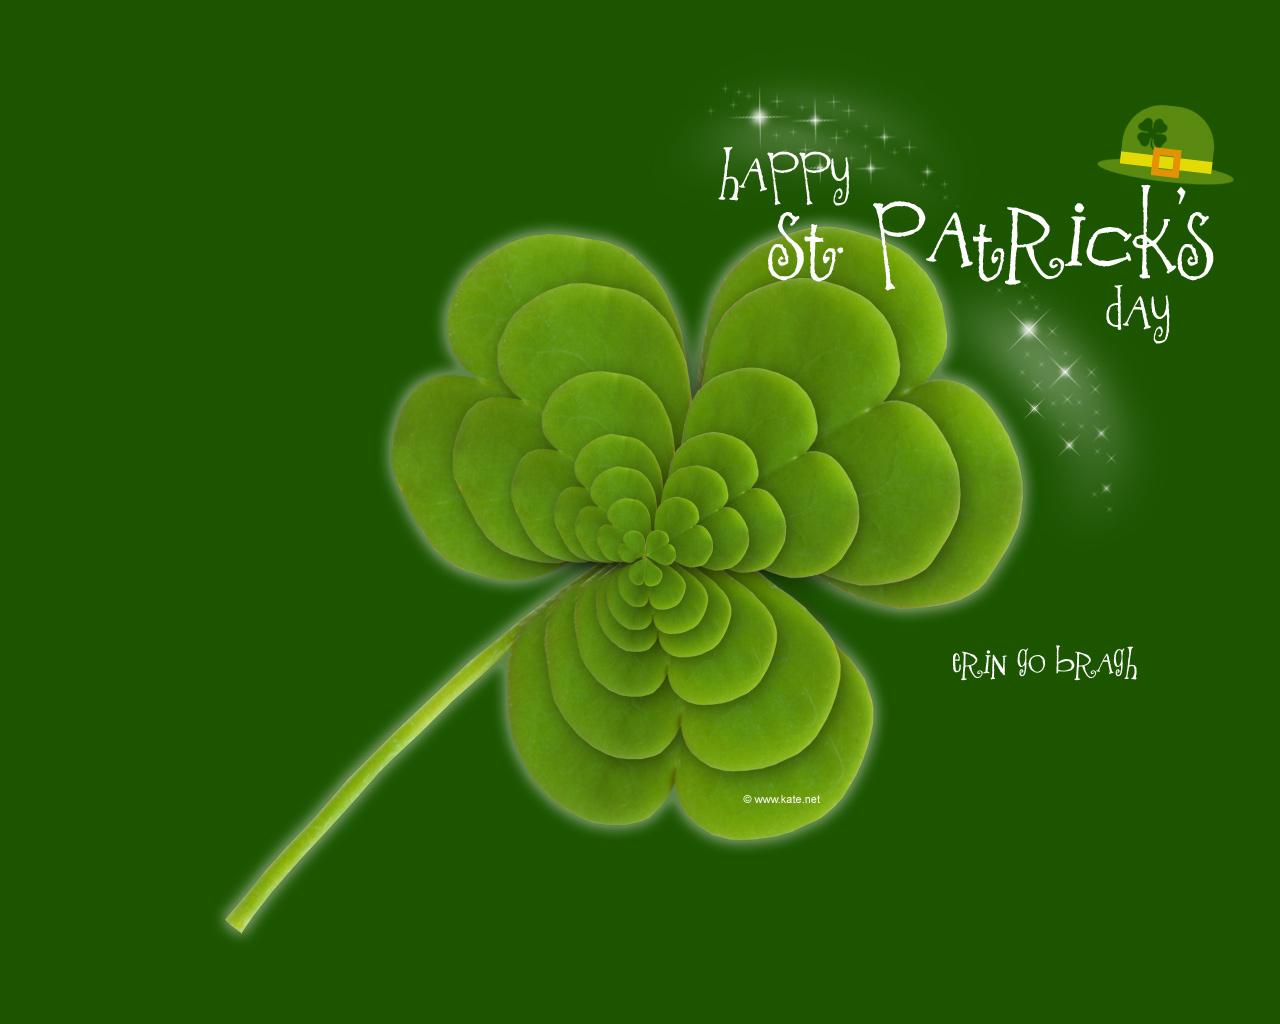 Saint Patricks Day 1228570   HD Wallpaper Download 1280x1024